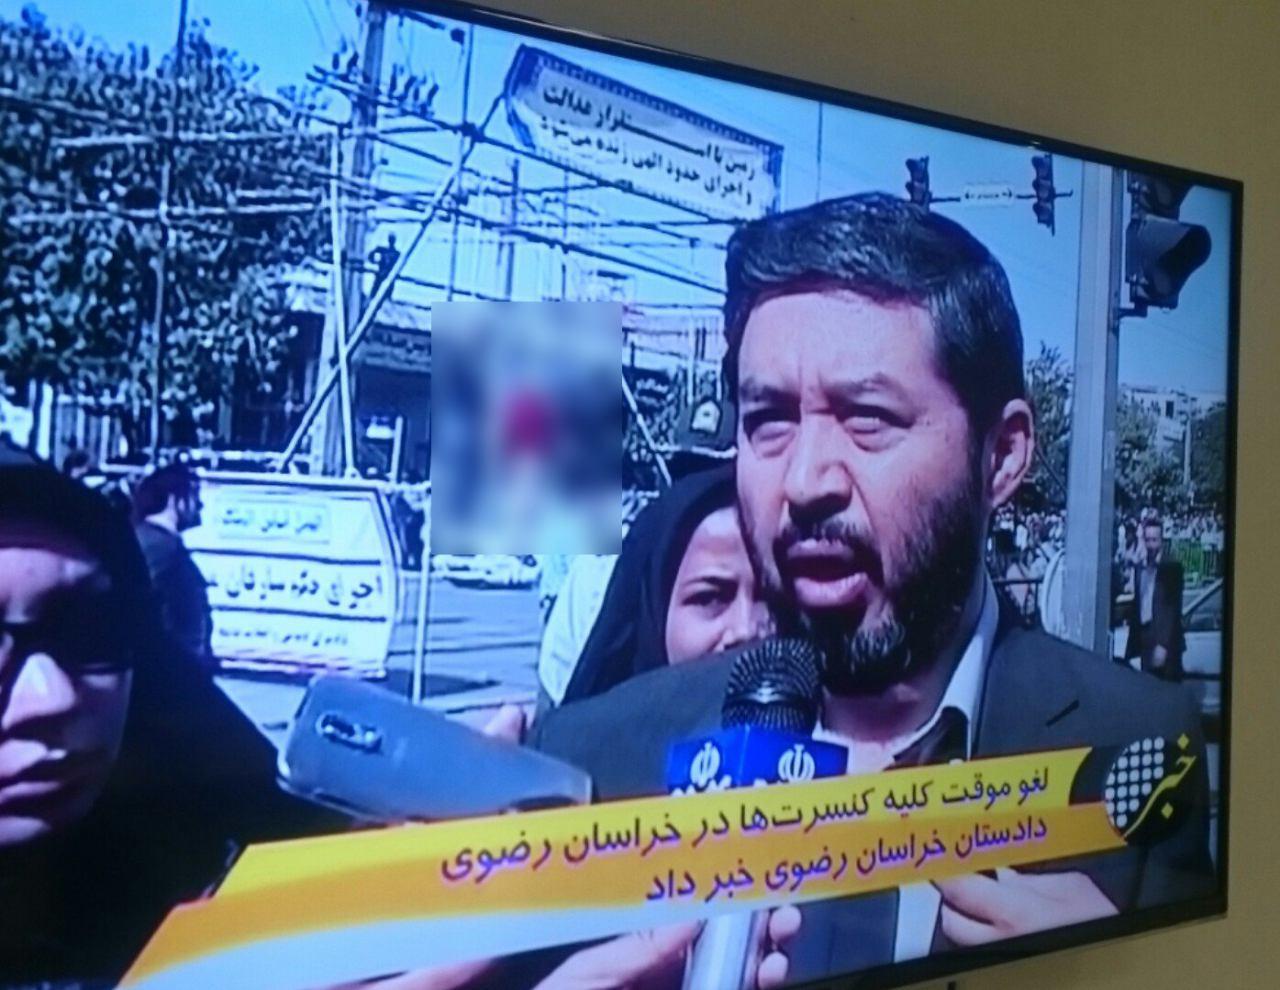 اعلام لغو کنسرت با پخش اعدام روی آنتن (+ عکس)